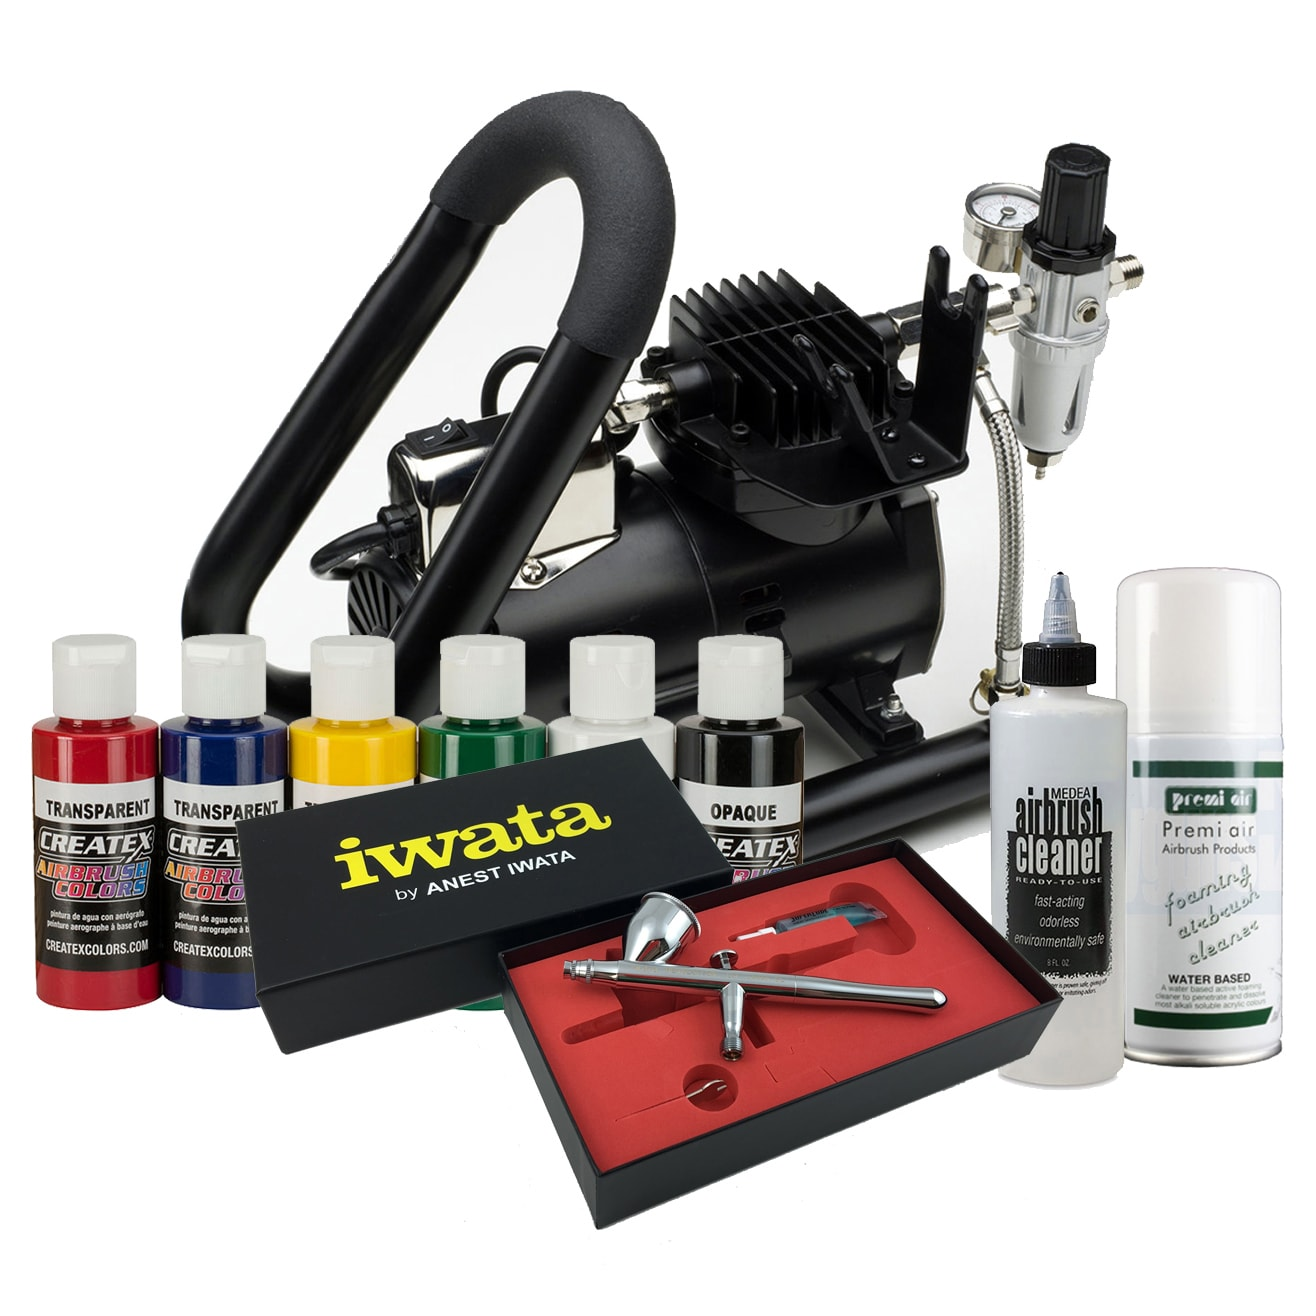 Iwata Airbrush Kit >> Iwata Textile Airbrush Kit With Smart Jet Plus Handle Tank